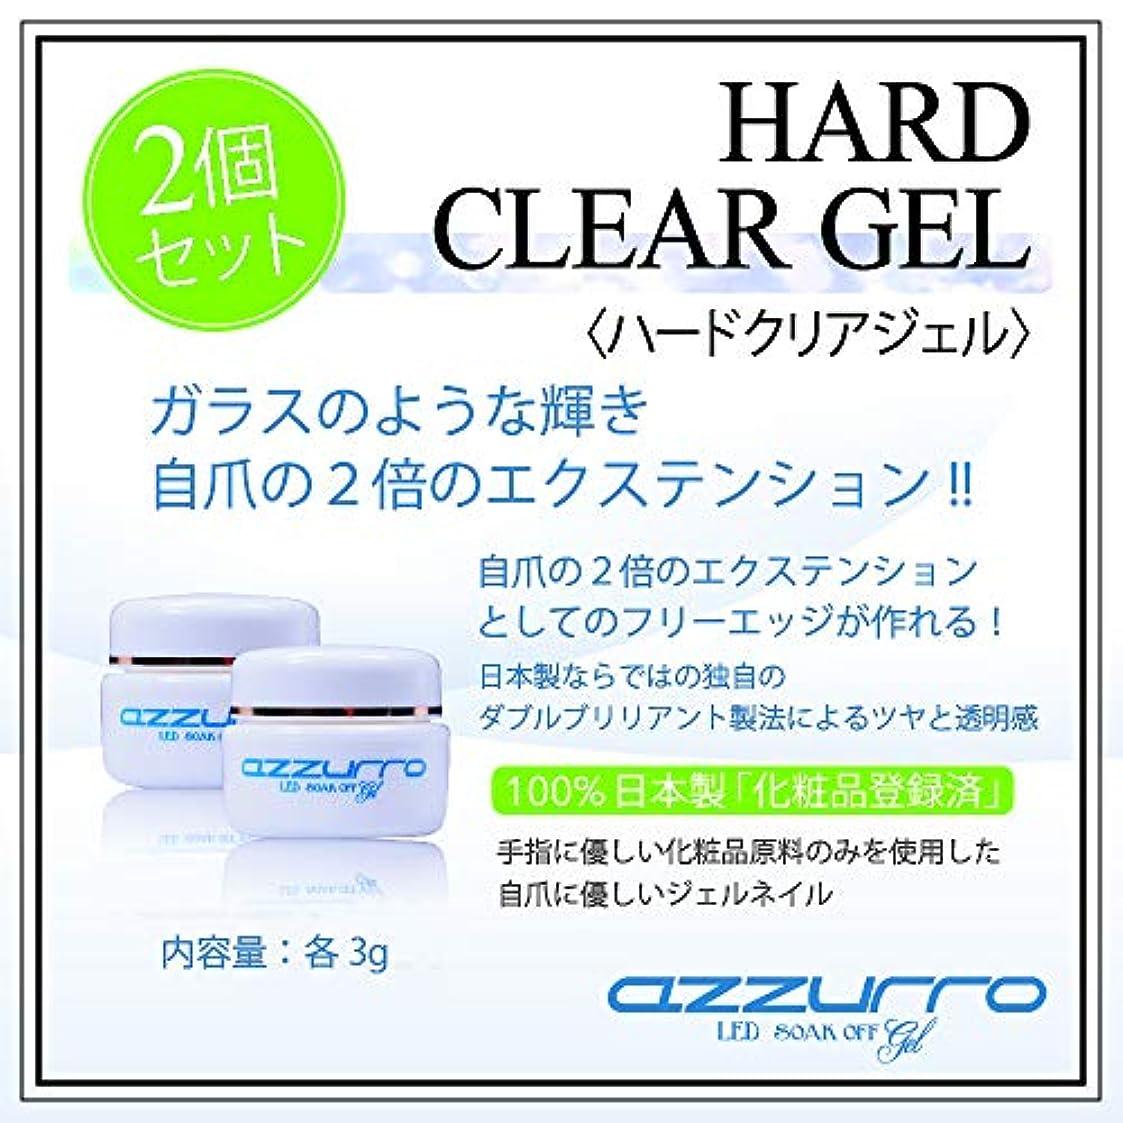 備品一時停止メンタルazzurro gel アッズーロハードクリアージェル 3g お得な2個セット キラキラ感持続 抜群のツヤ